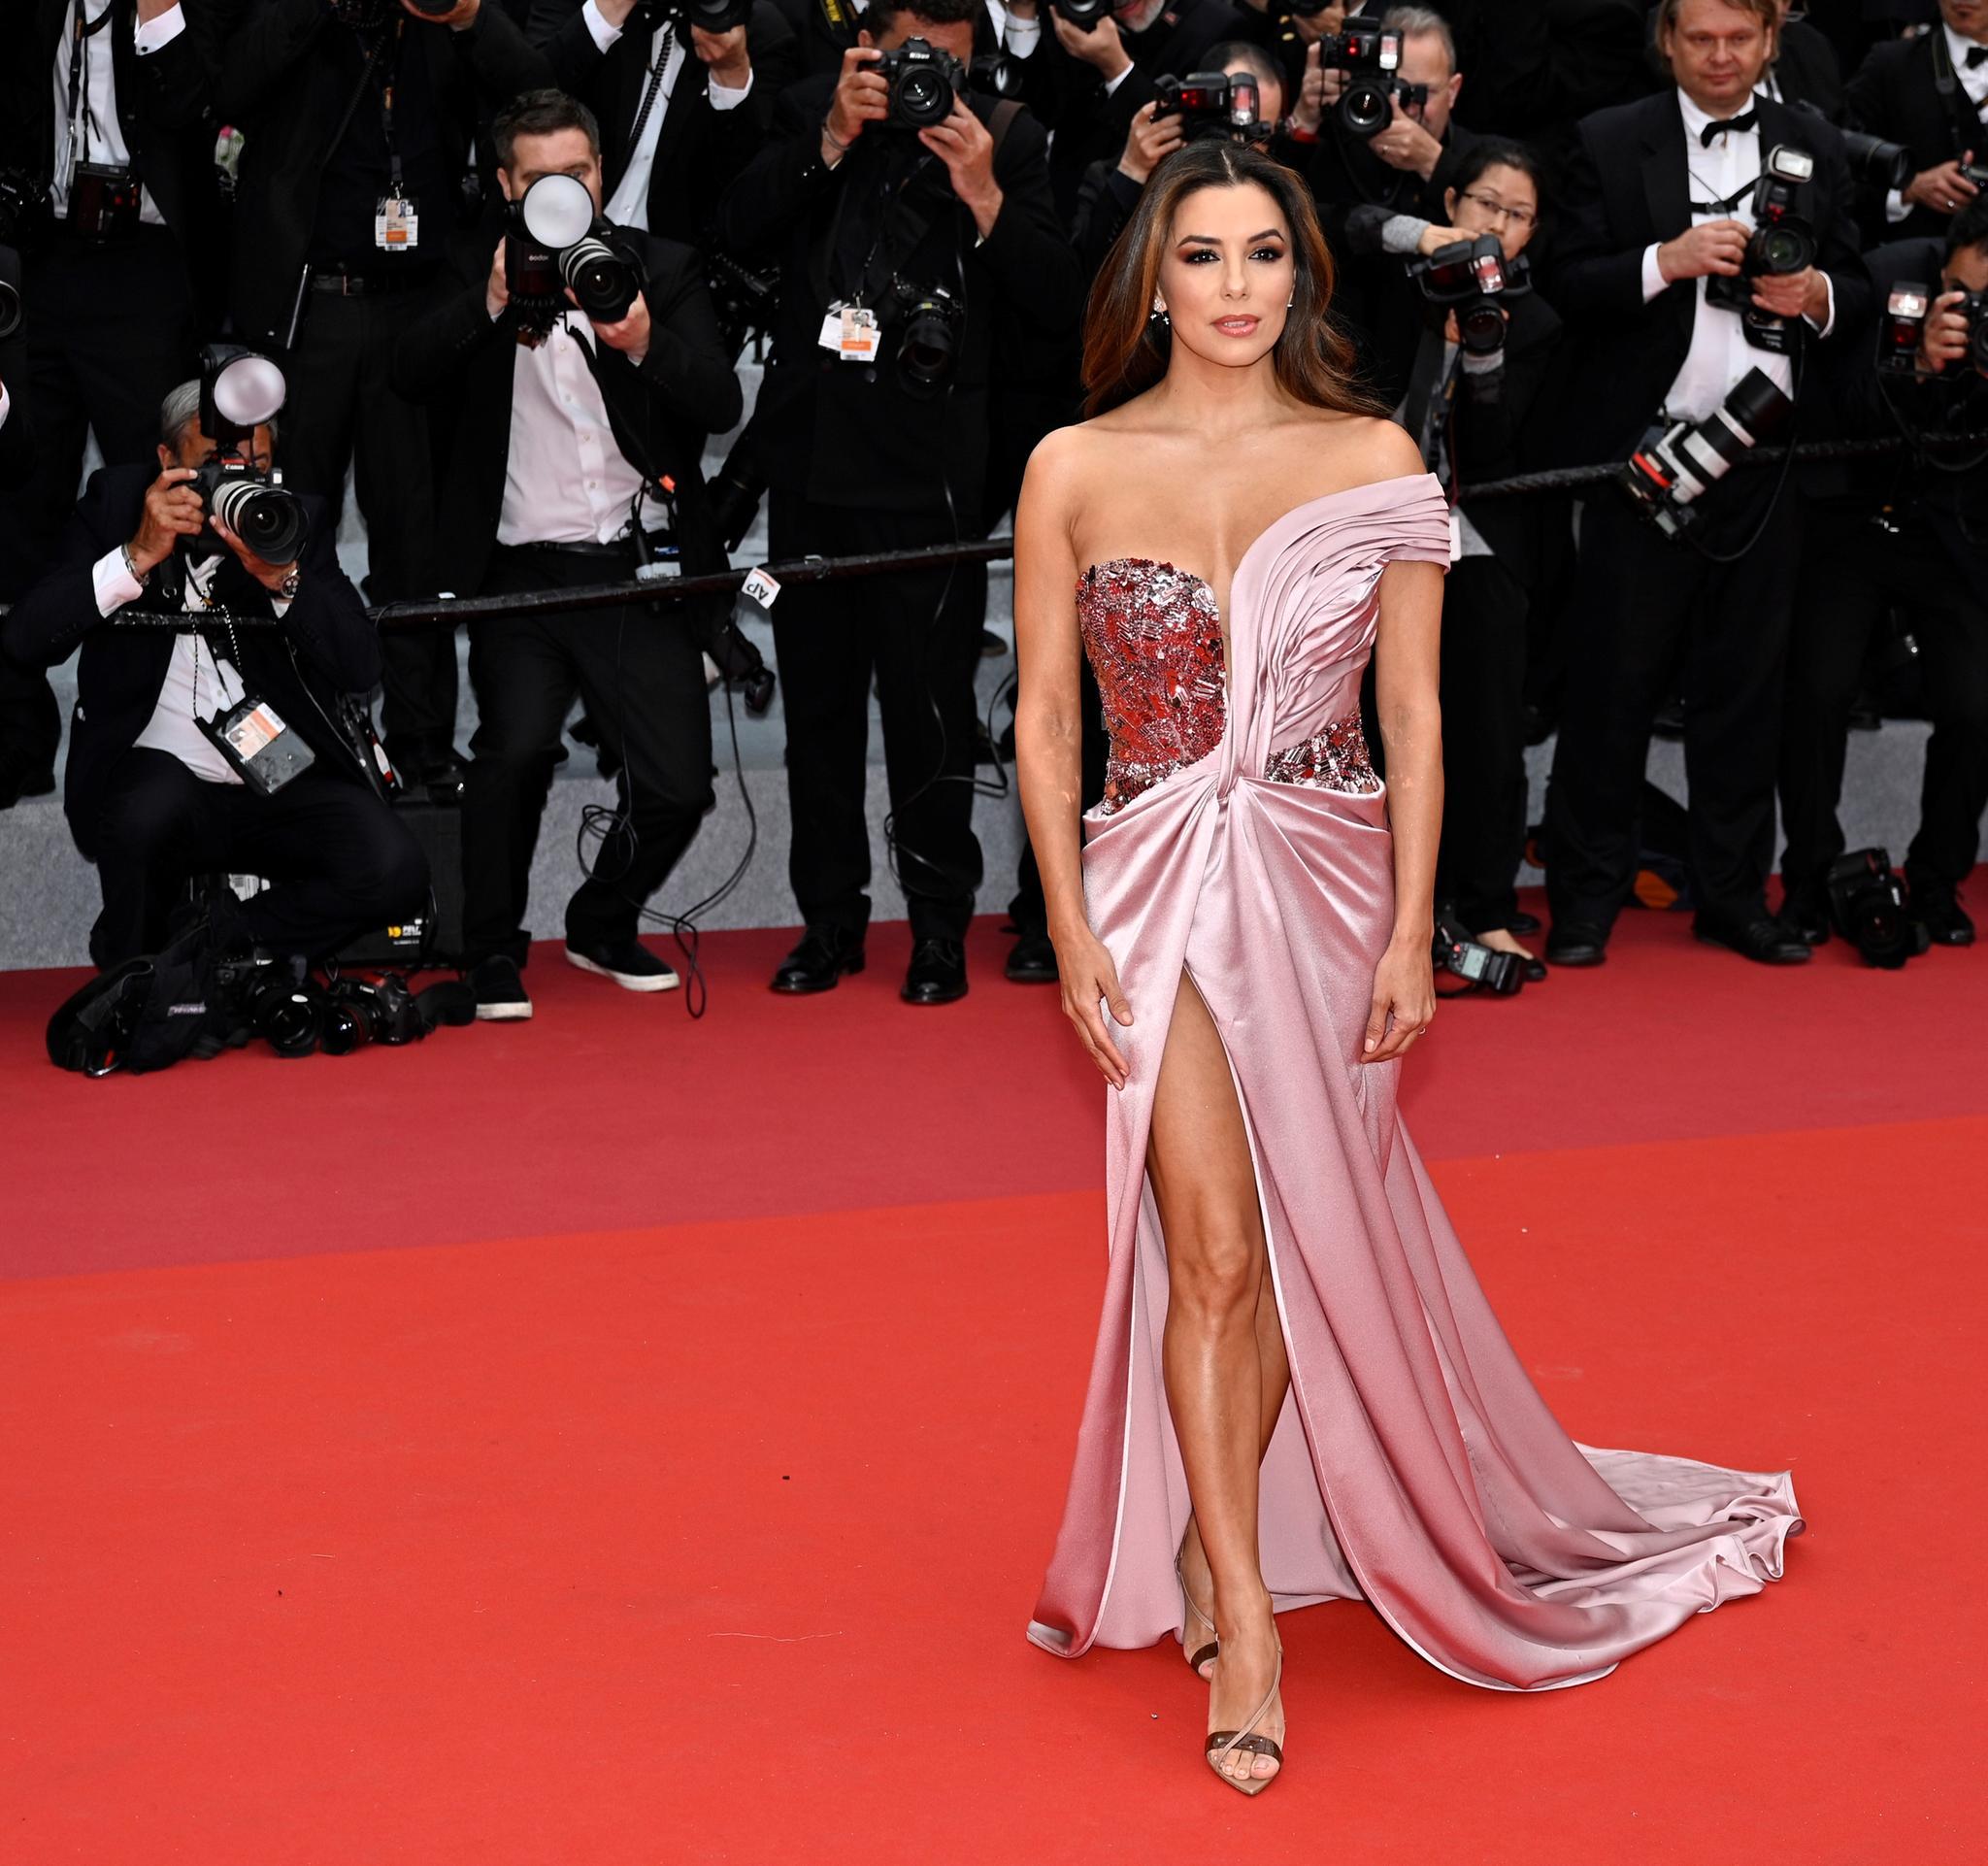 Cannes 2019Die Bilder Filmfestival Schönsten S112 Vom dCBexWQro